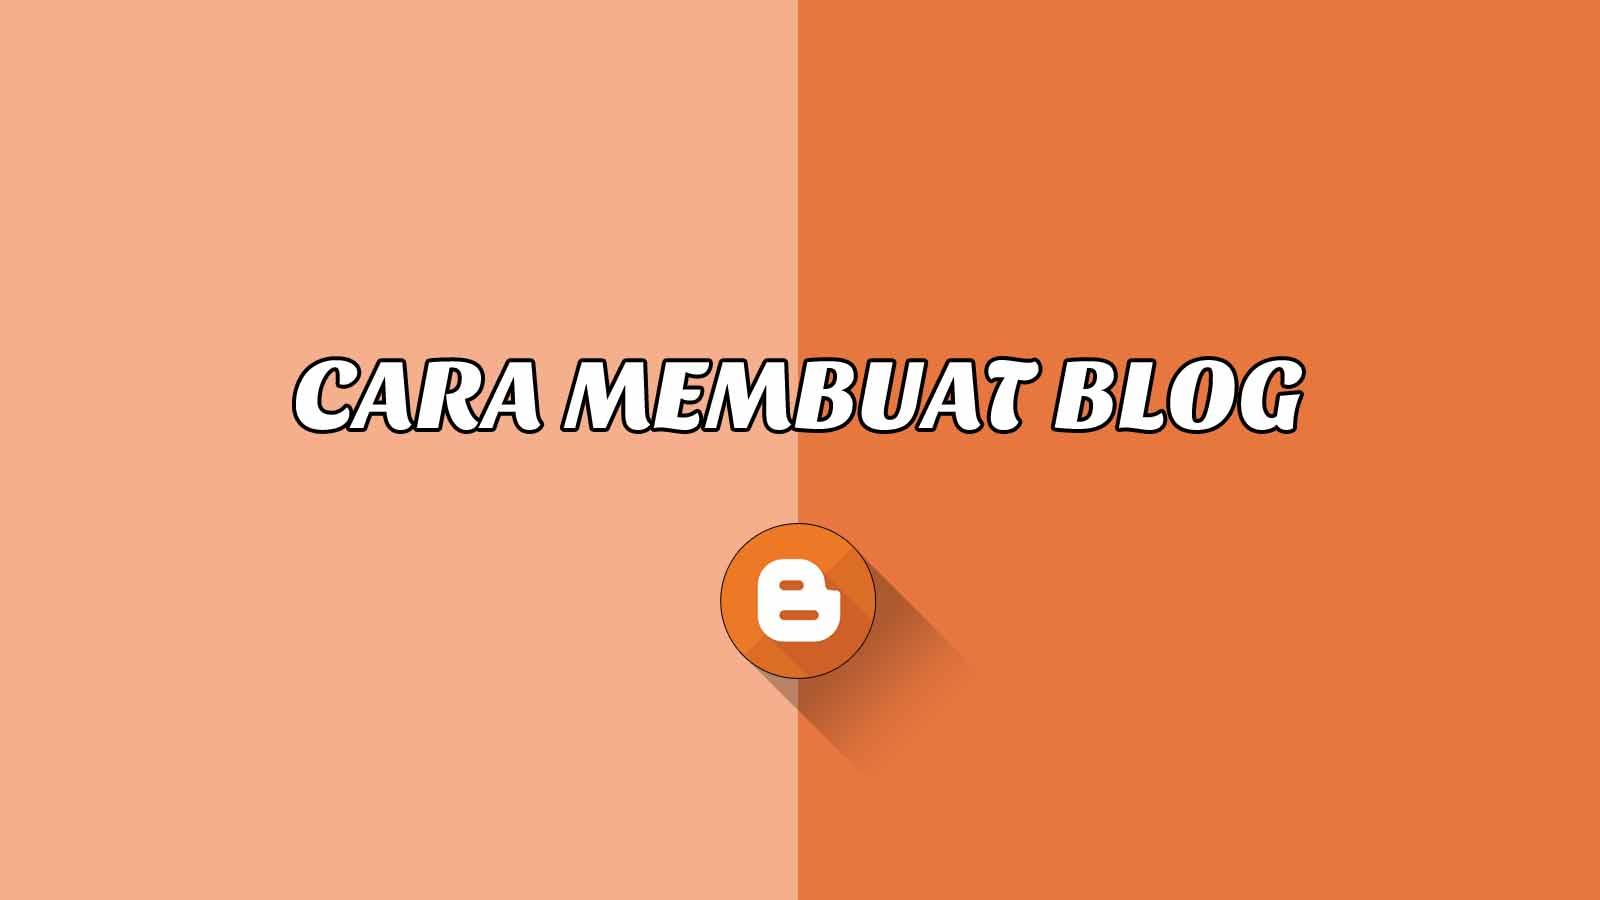 Cara Mudah Membuat Blog (Terbaru) - Dasar Blogger